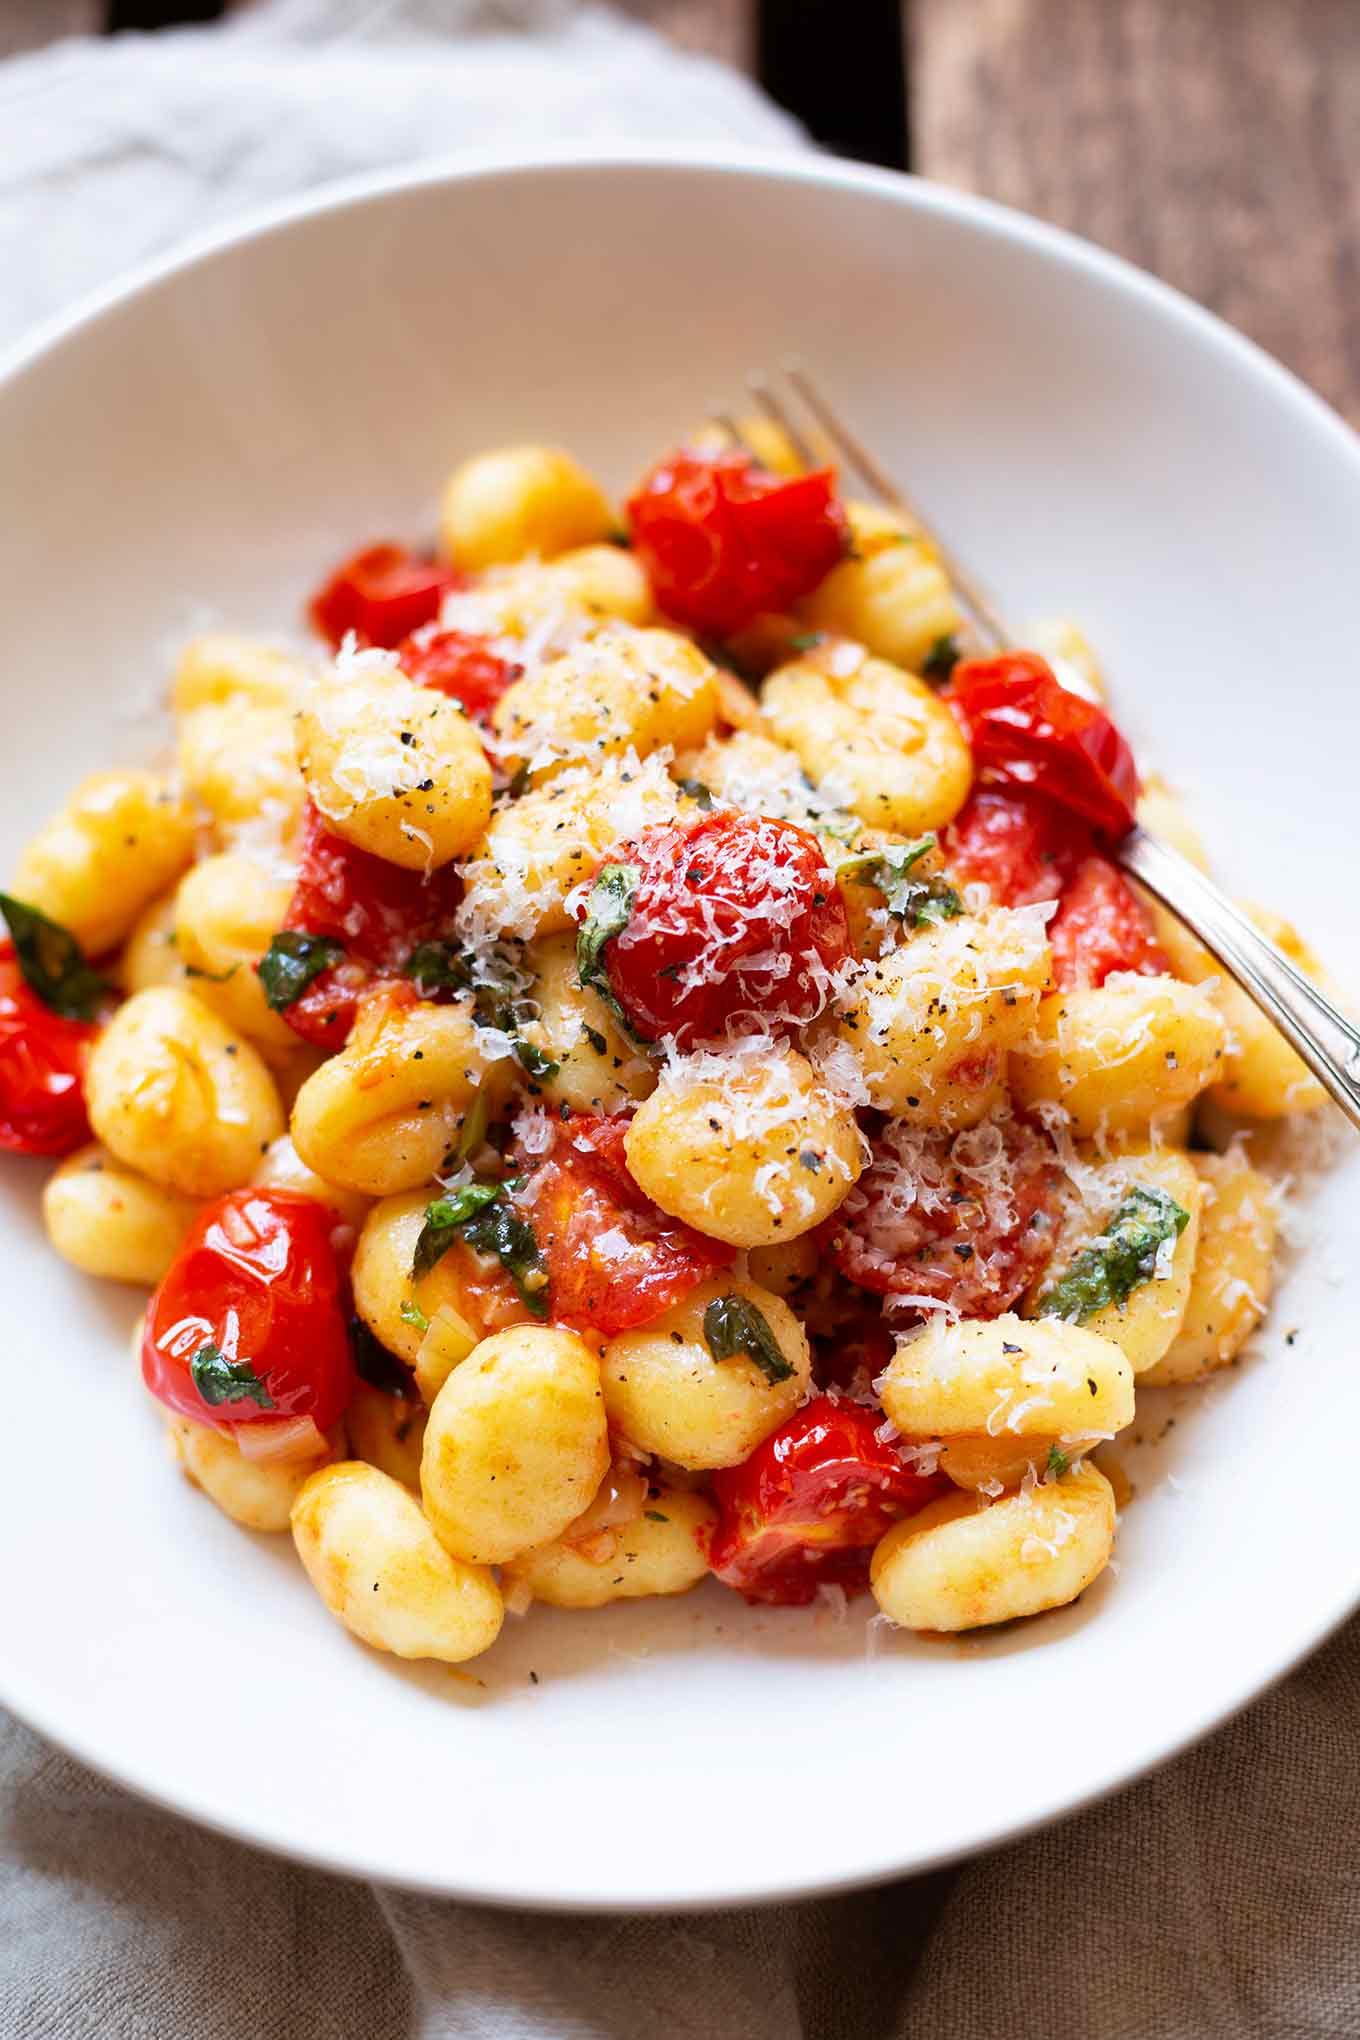 15-Minuten Gnocchi mit geschmolzenen Tomaten und Basilikum. Dieses schnelle und einfache 6-Zutaten Rezept ist perfekt für den Feierabend. Ultra gut! - Kochkarussell.com #gnocchi #rezept #tomaten #soulfood